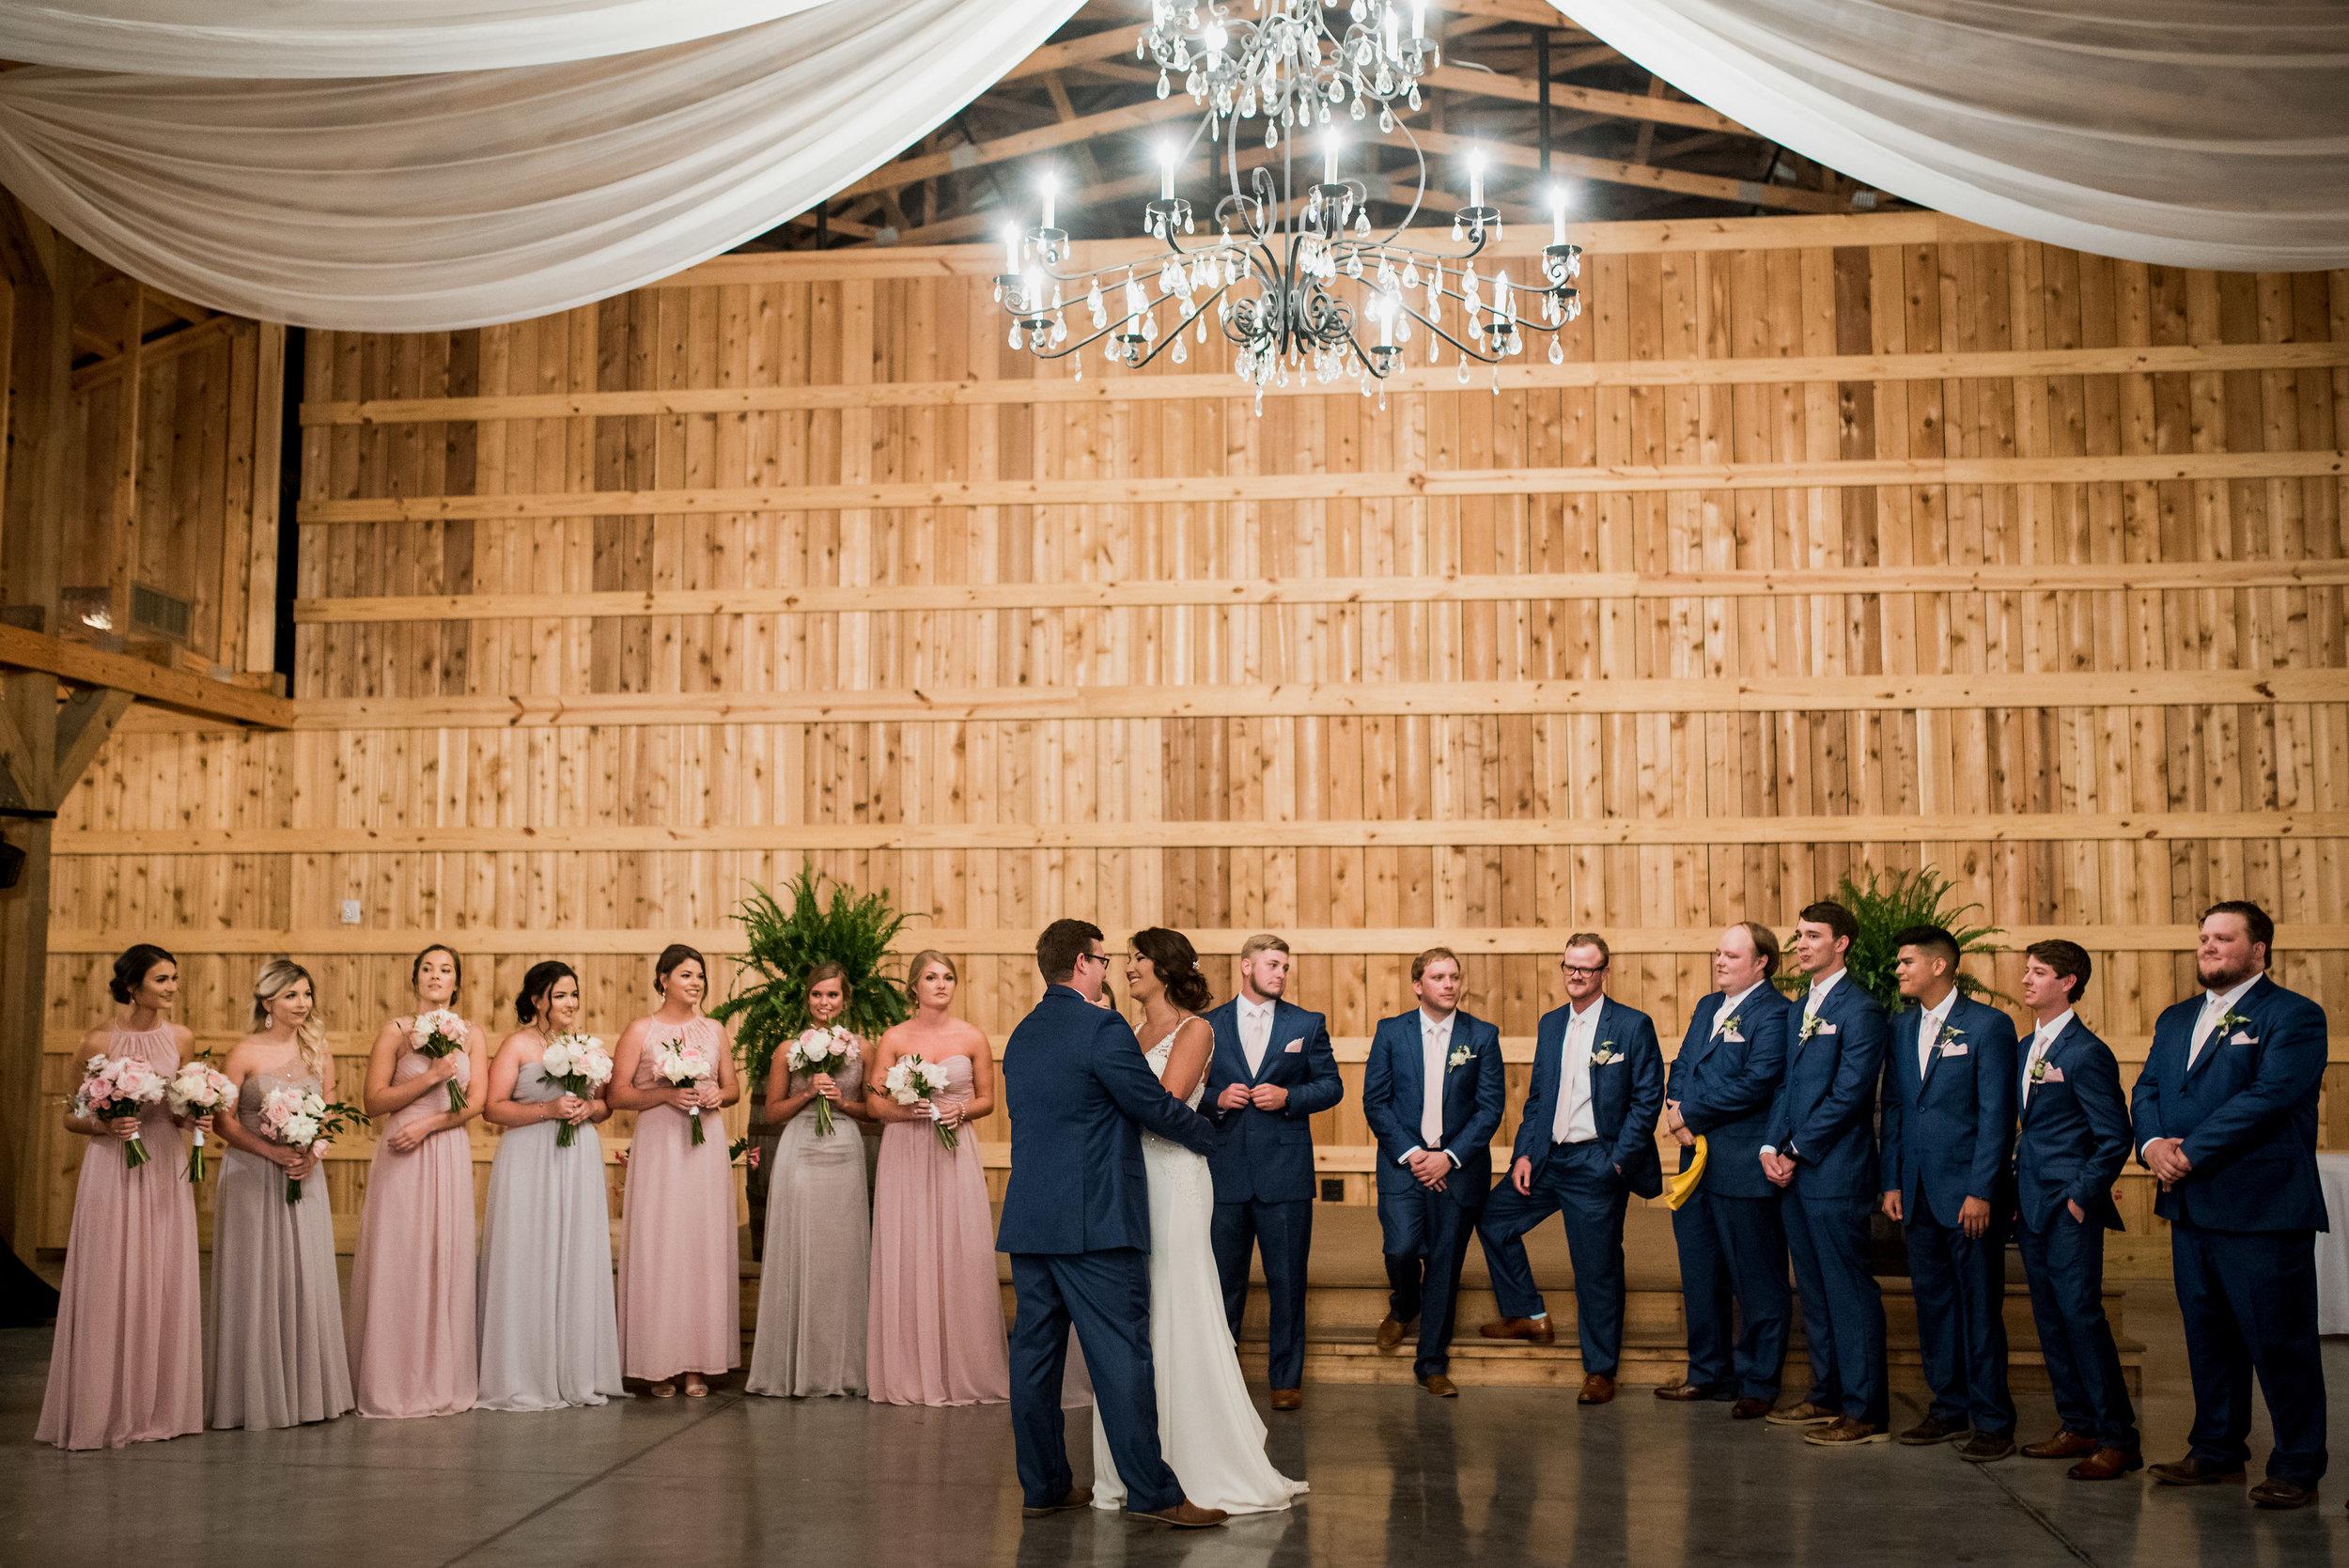 Saddlewood-Farms-Nashville-Wedding-Photographers-602.jpg